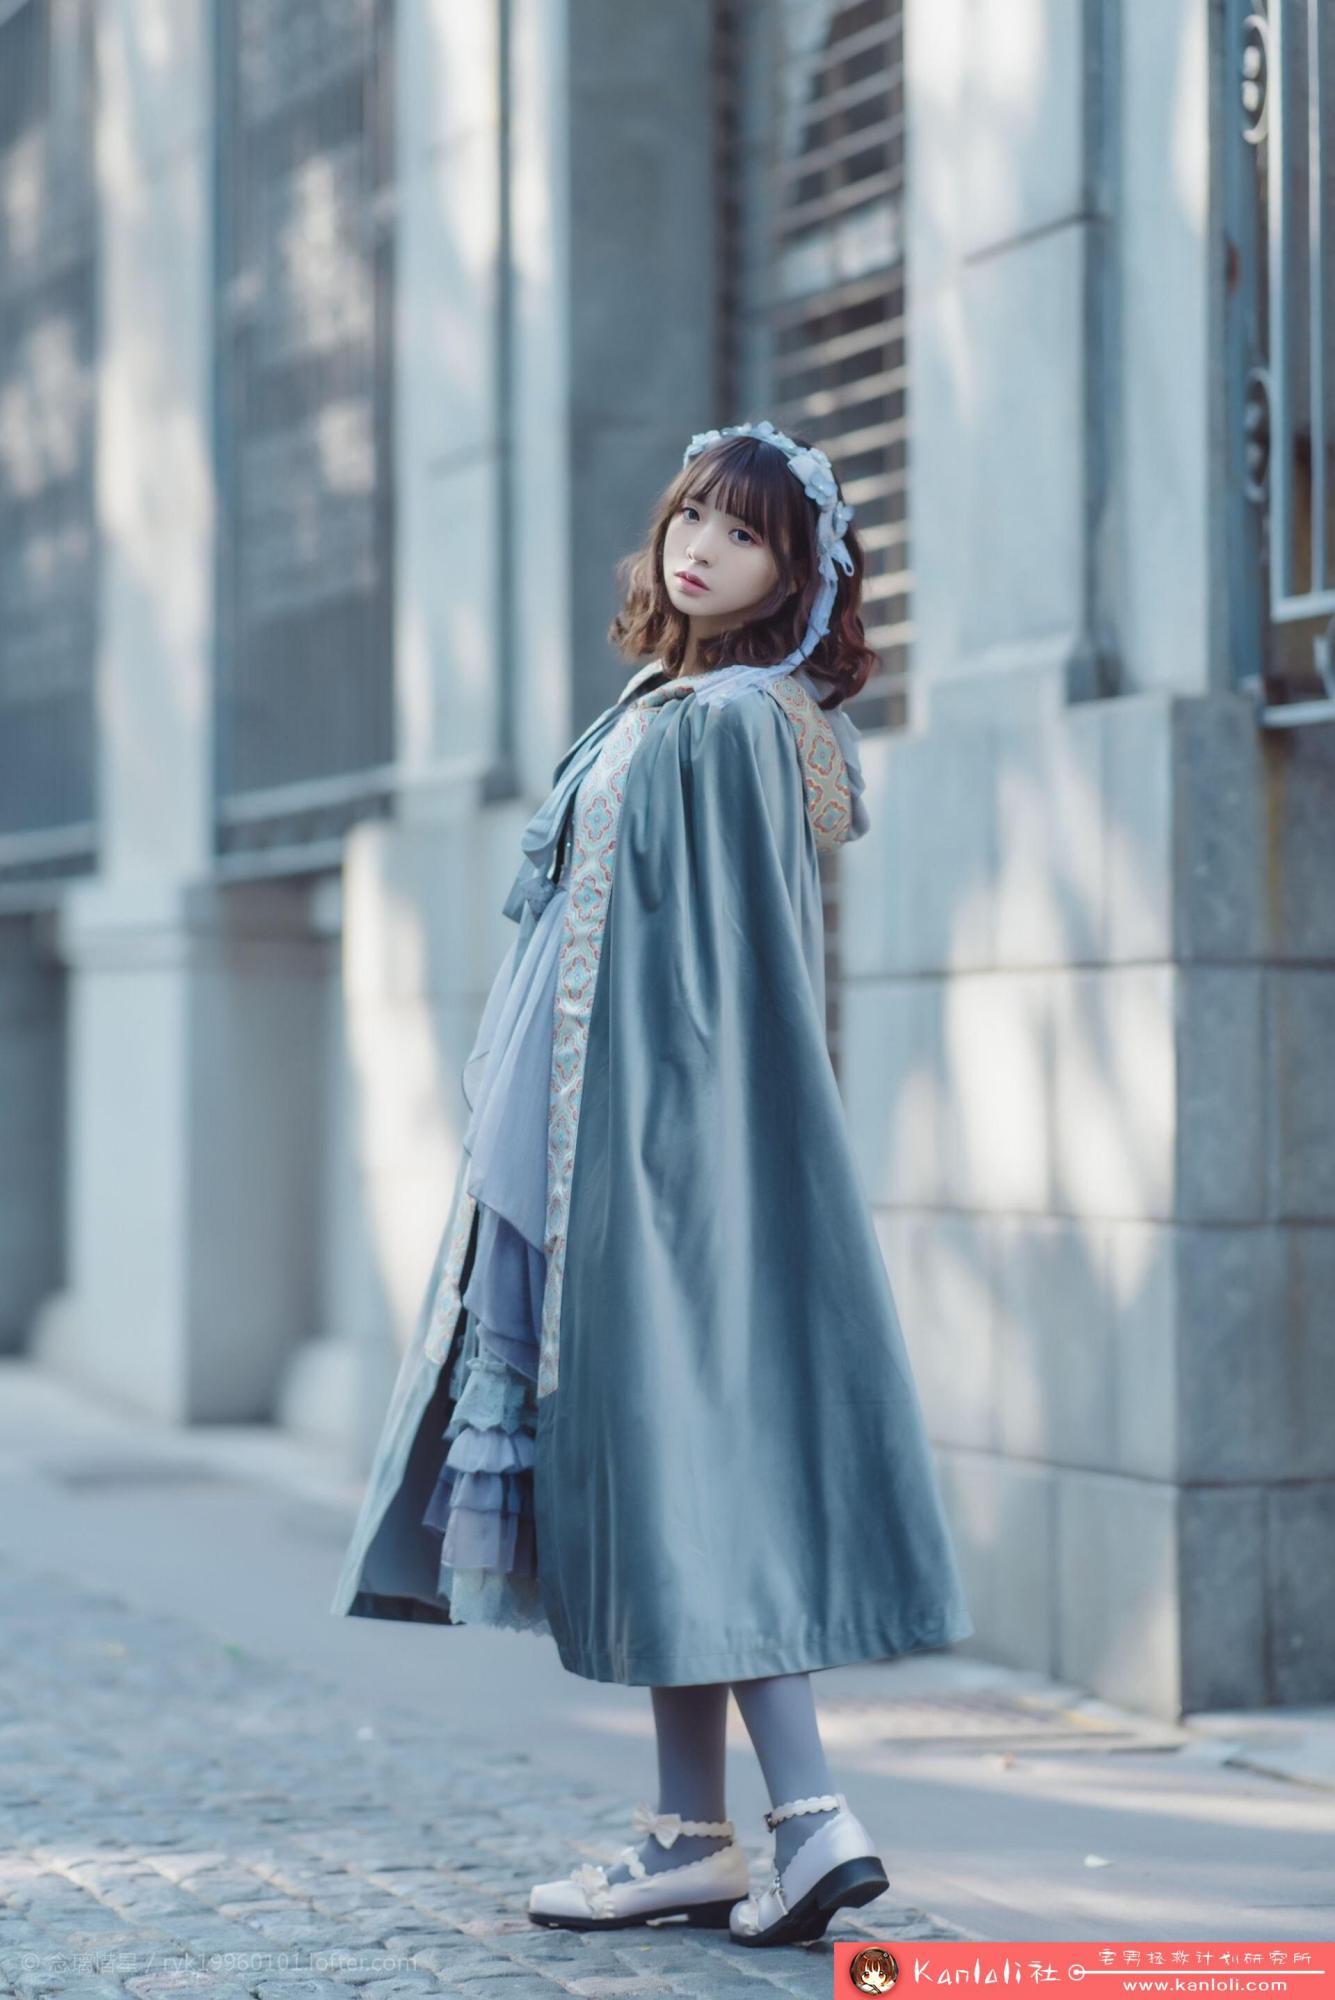 【疯猫ss】疯猫ss写真-FM-033 超可爱斗篷装 [10P]